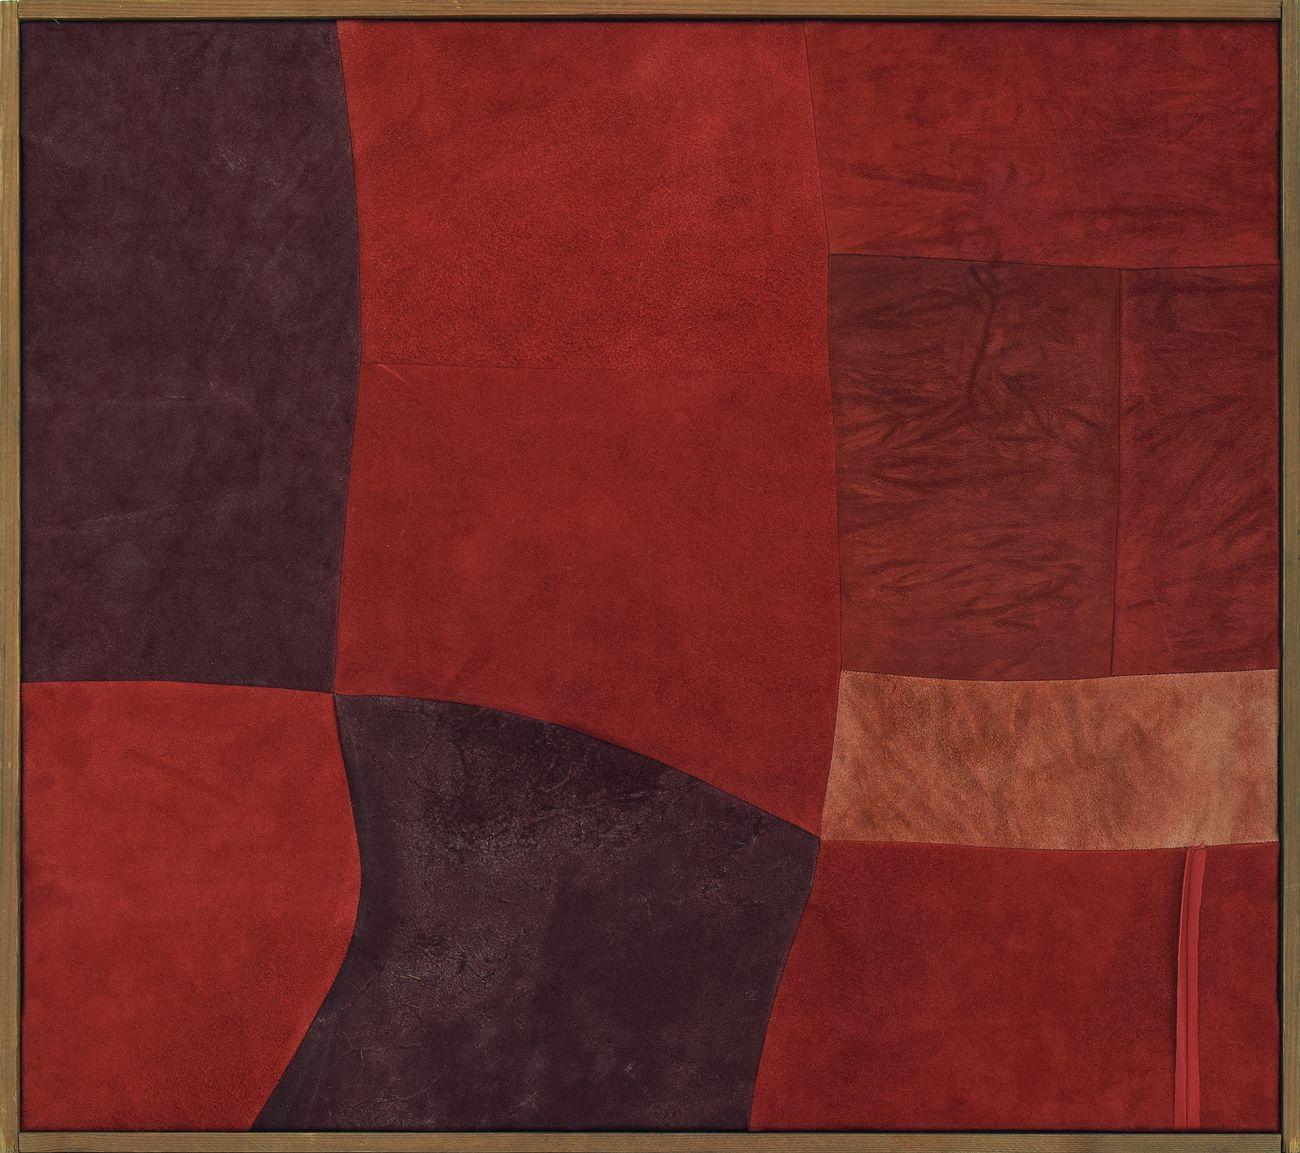 Nuvolo, Senza Titolo [Daino], 1960, pelle di daino cucita e dipinta, 55.5 x 62 cm, Eredi Nuvolo. Photo Paolo Ascani. Courtesy Associazione Archivio Nuvolo